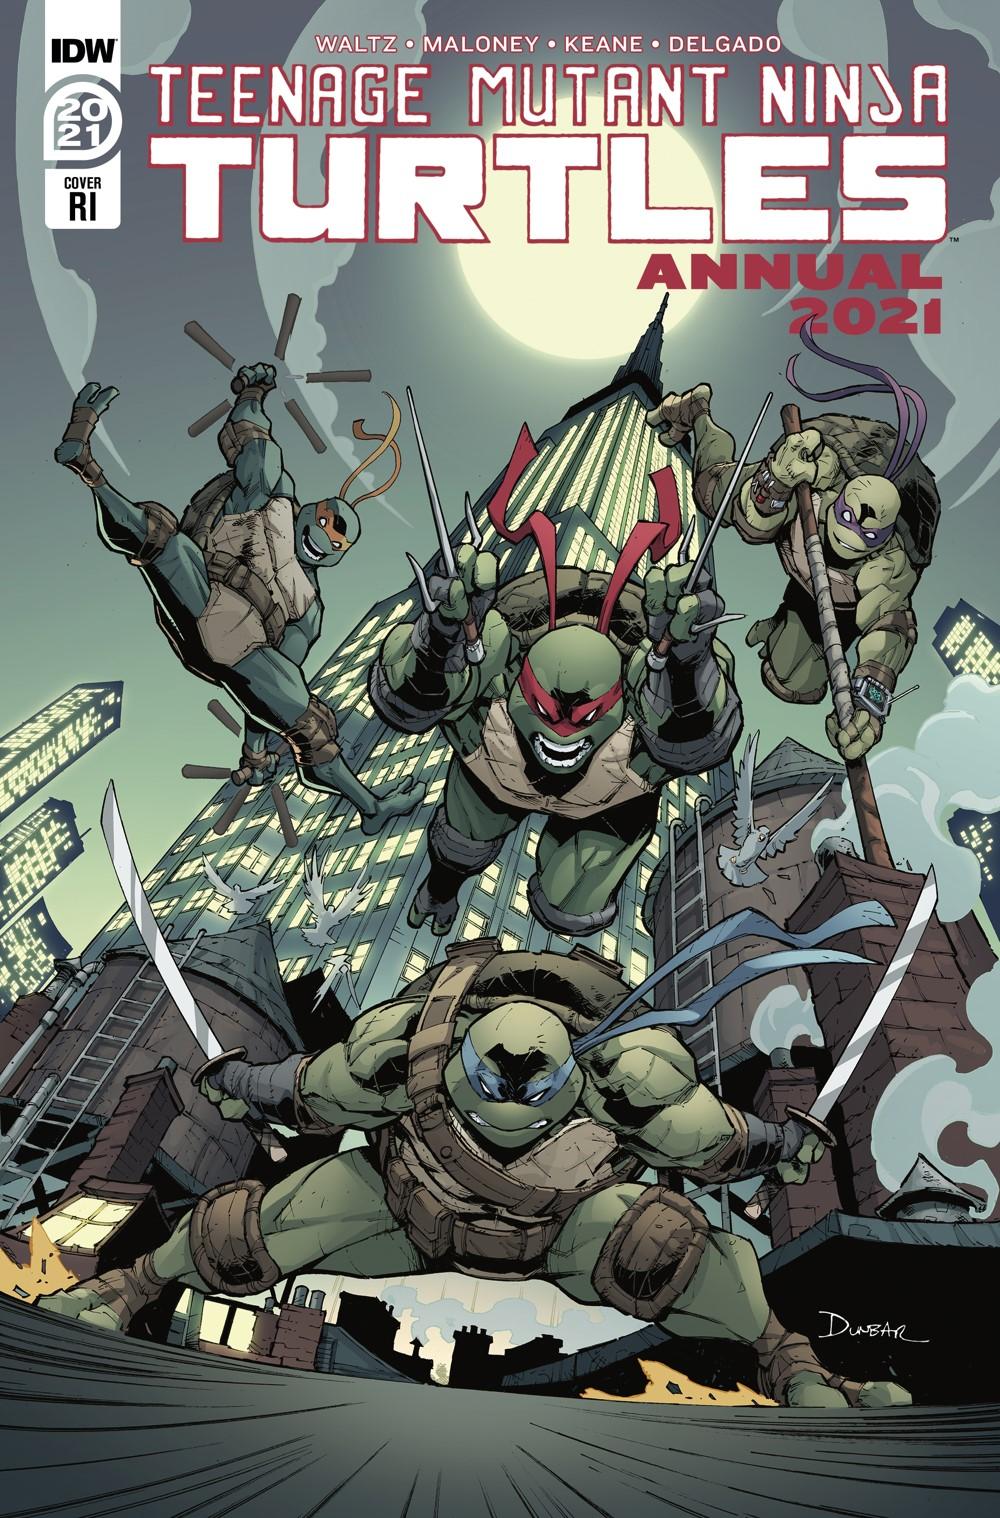 TMNT-Annual2021_cvrRI ComicList Previews: TEENAGE MUTANT NINJA TURTLES ANNUAL 2021